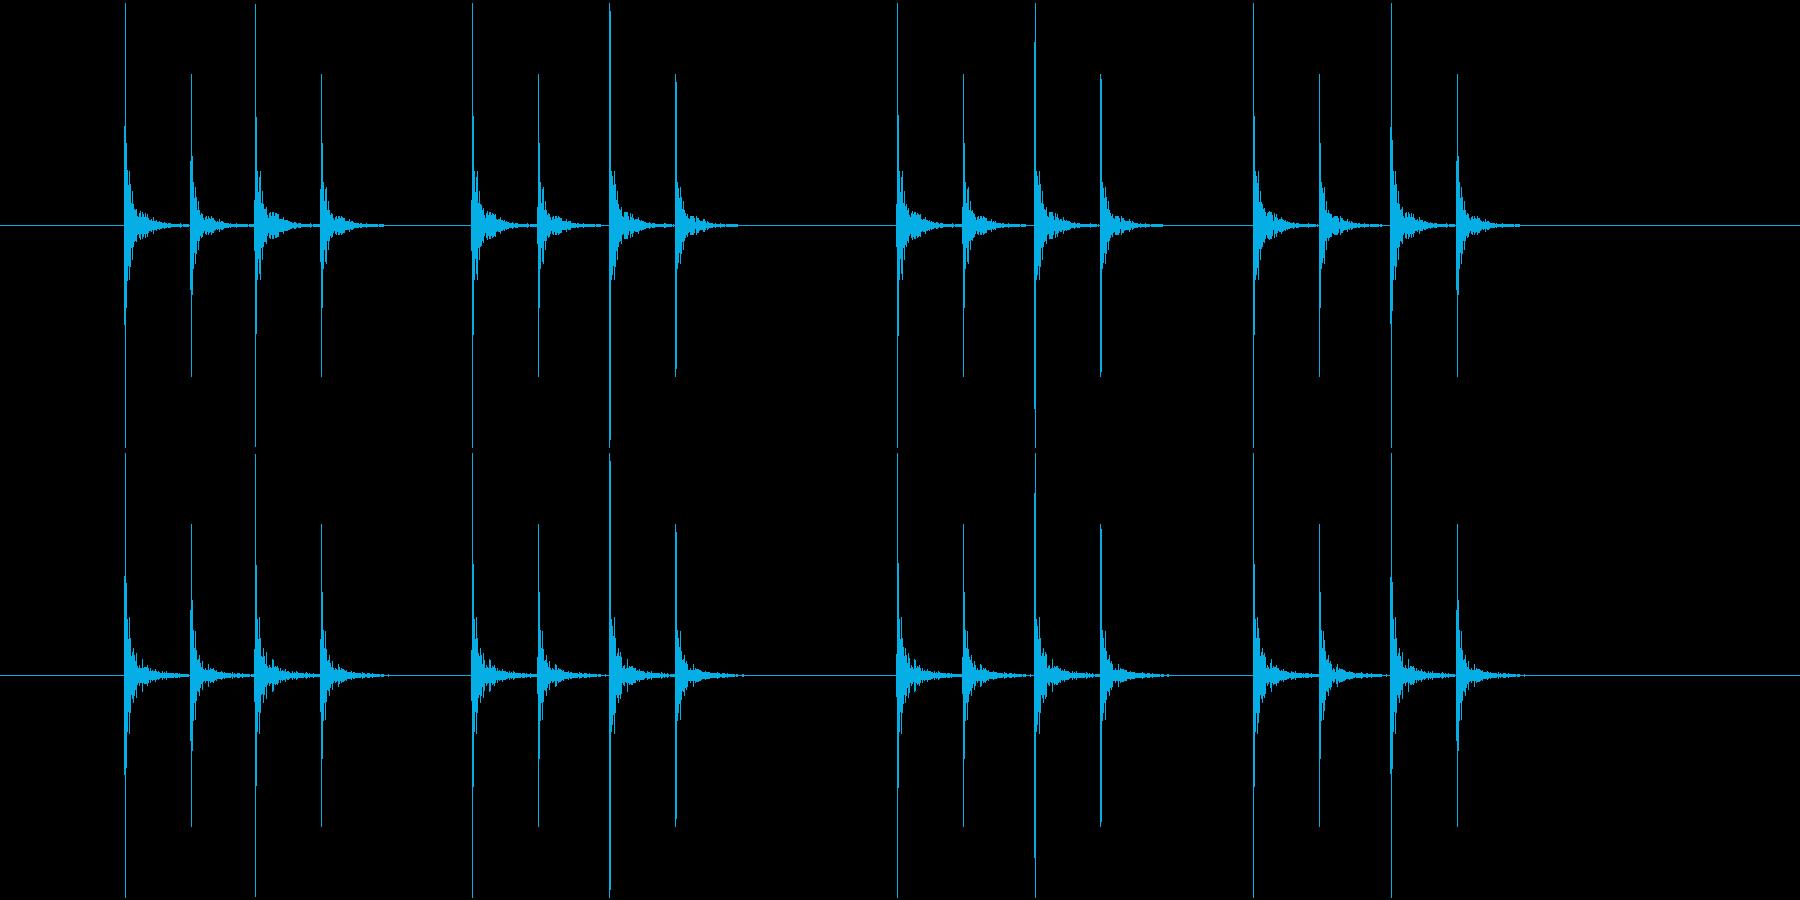 コンコンコンコン、連続したノック音-04の再生済みの波形